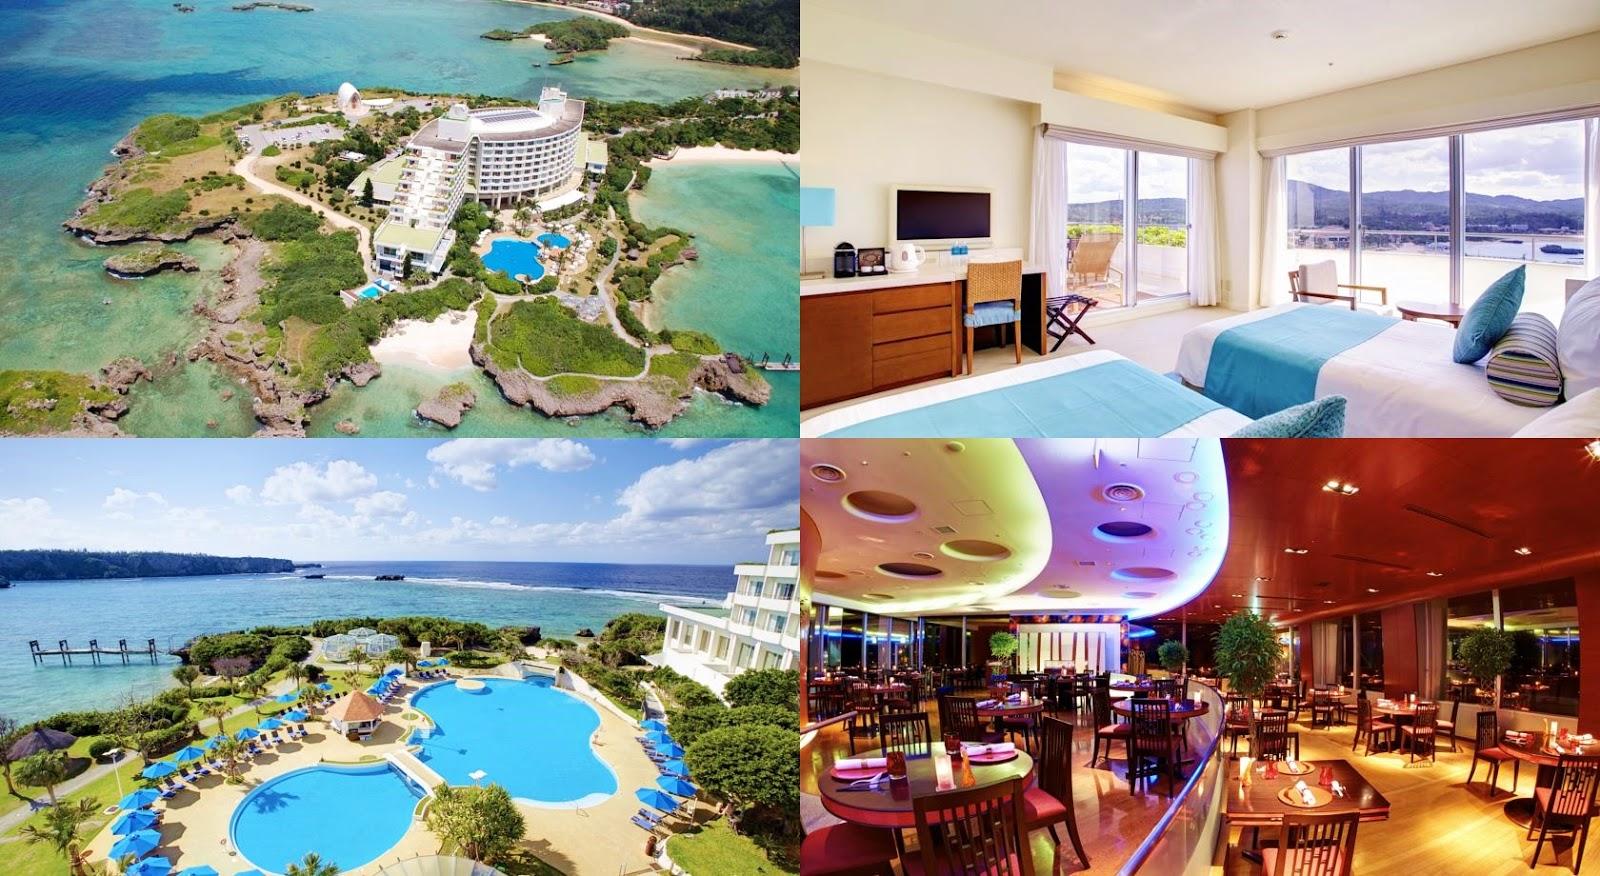 沖繩-住宿-推薦-飯店-旅館-民宿-公寓-ANA萬座海濱洲際酒店-ANA-InterContinental-Manza-Beach-Resort-Okinawa-hotel-recommendation